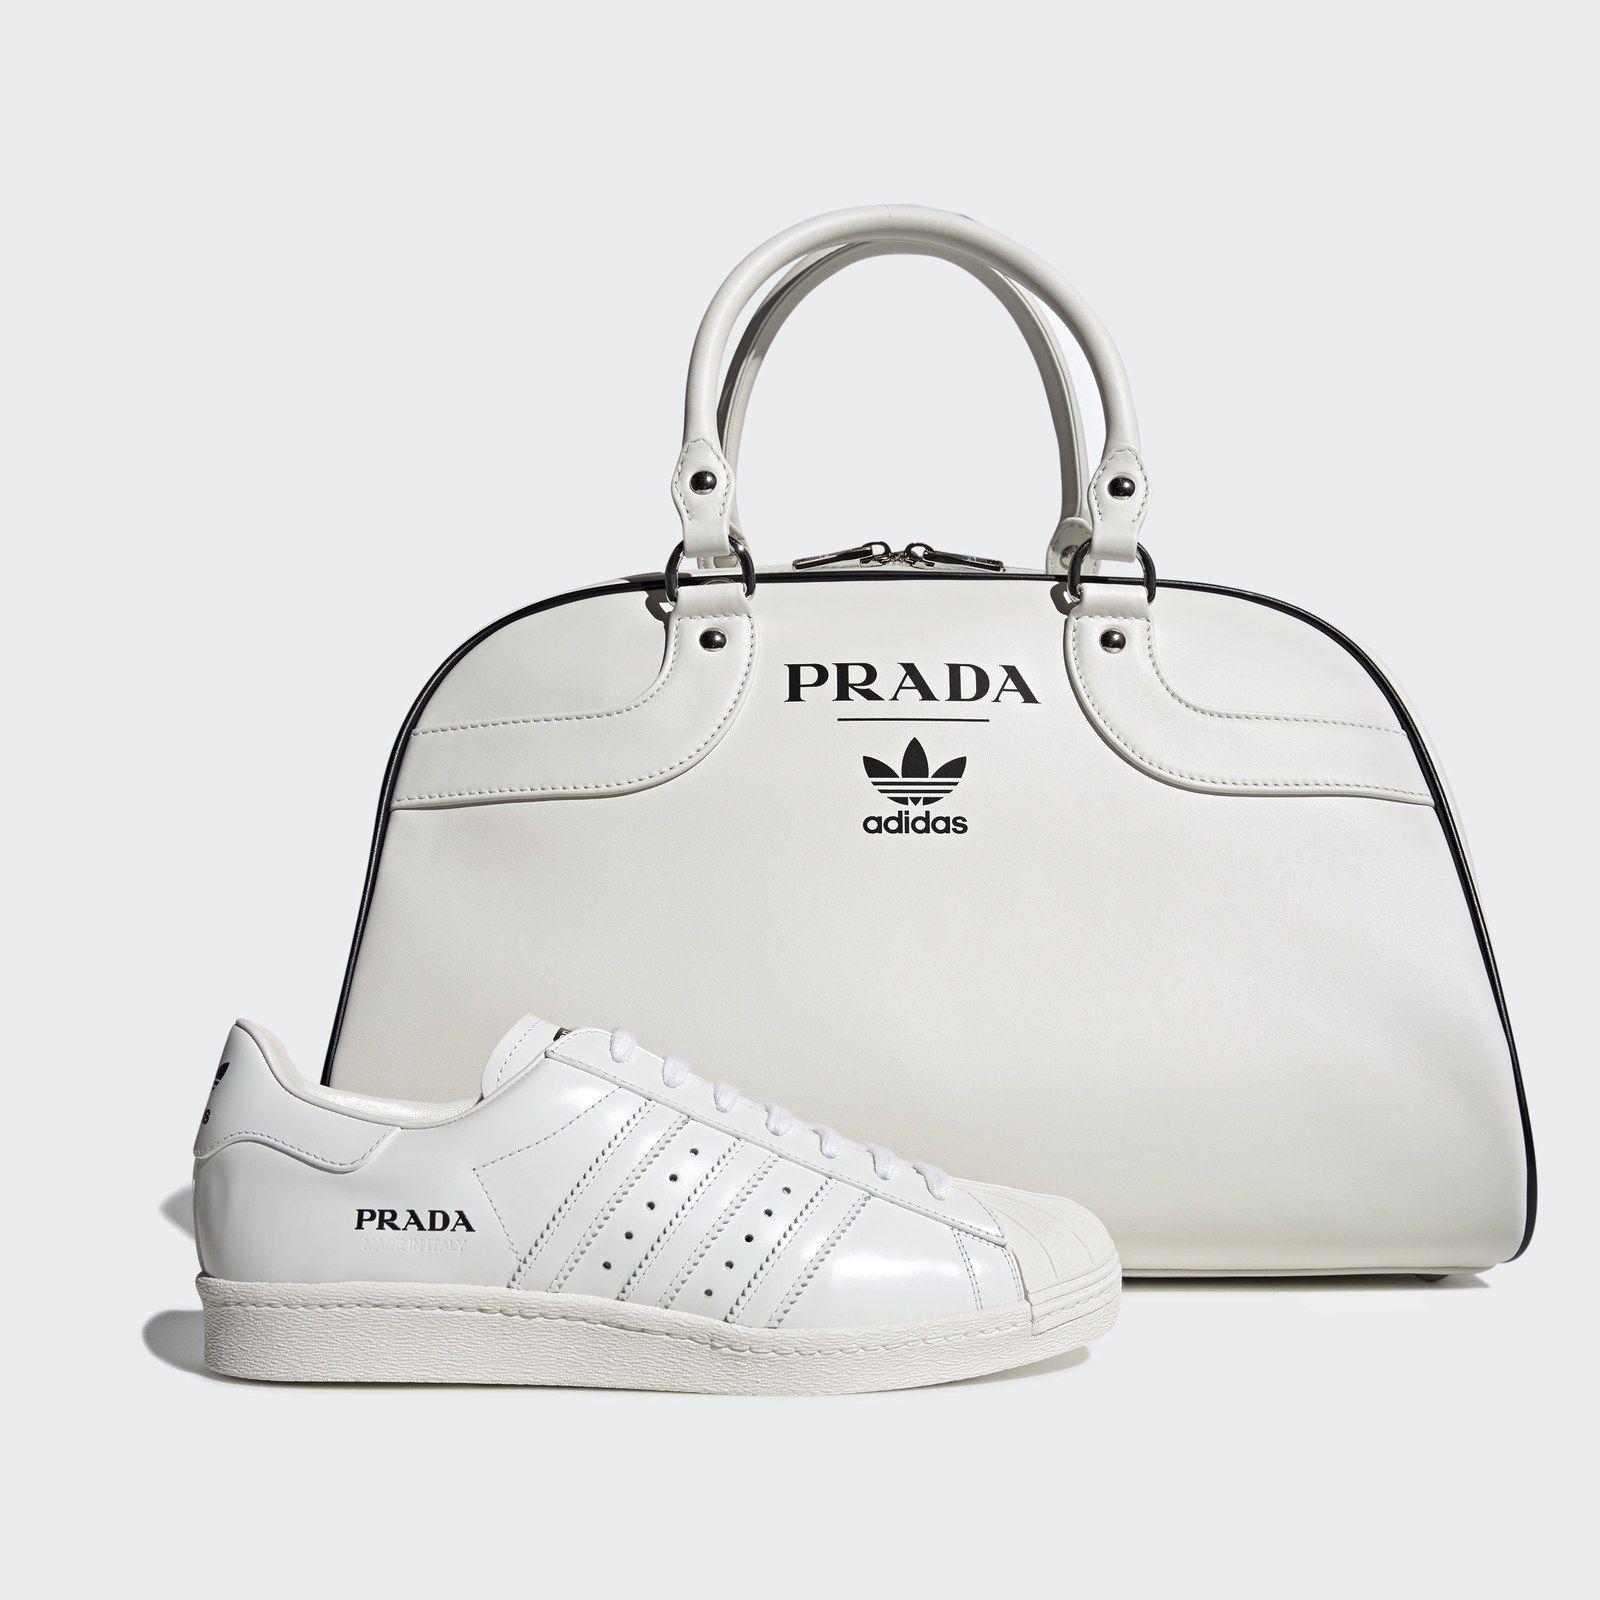 Bekijk de beelden van Prada en Adidas' bijzondere samenwerking